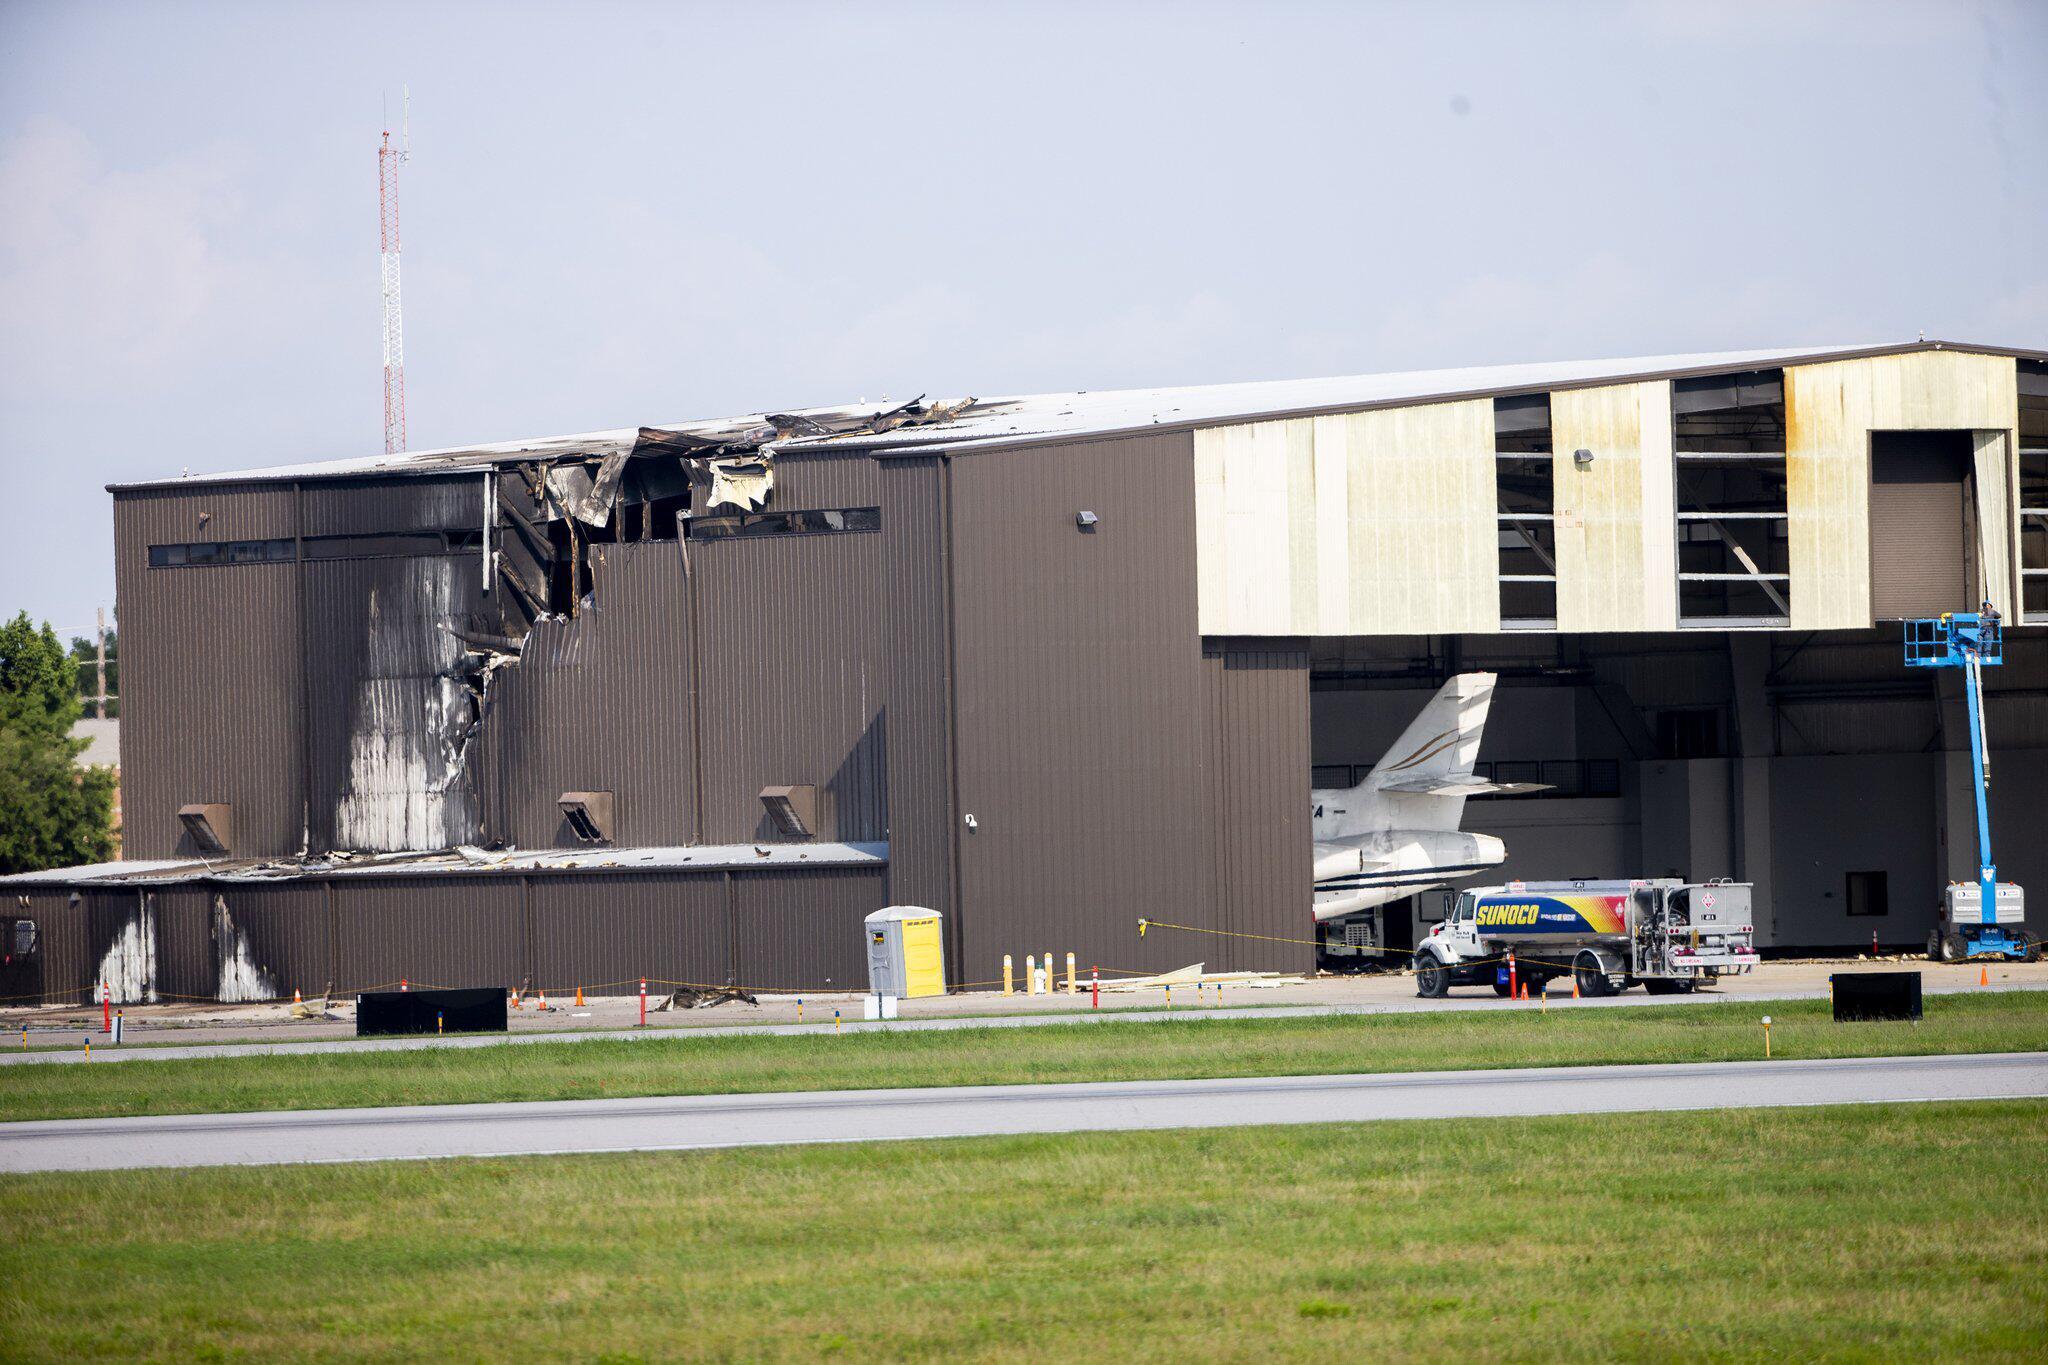 Bild zu Absturz von Kleinflugzeug in Texas